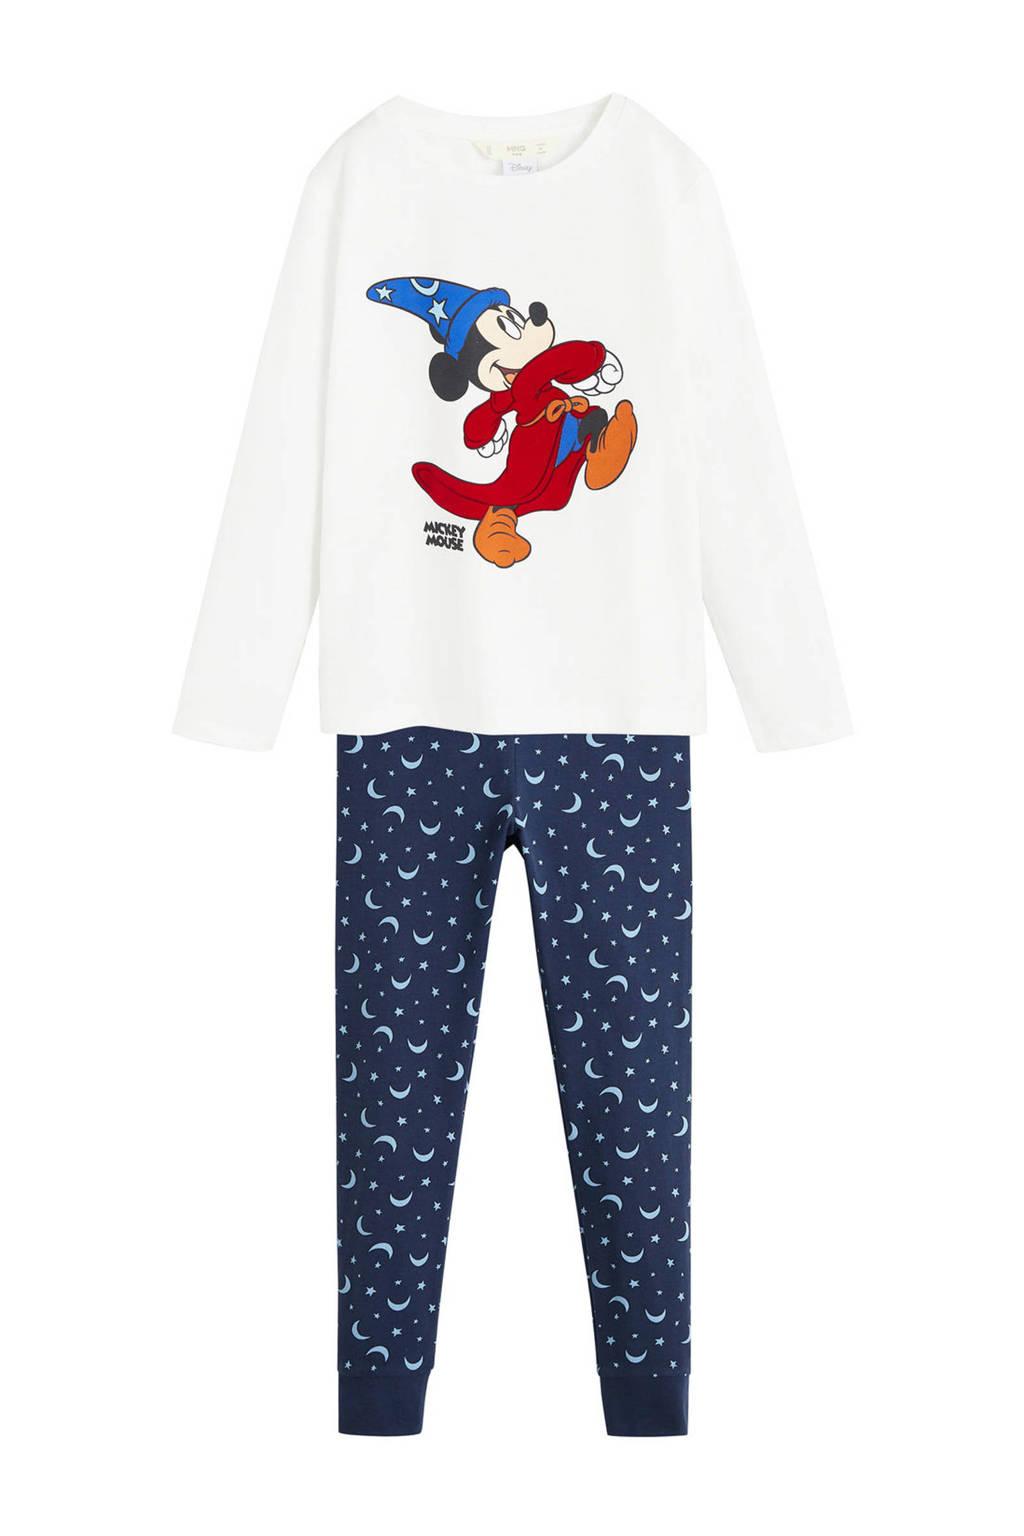 Mango Kids pyjama met print Mickey Mouse blauw/wit, Blauw/wit